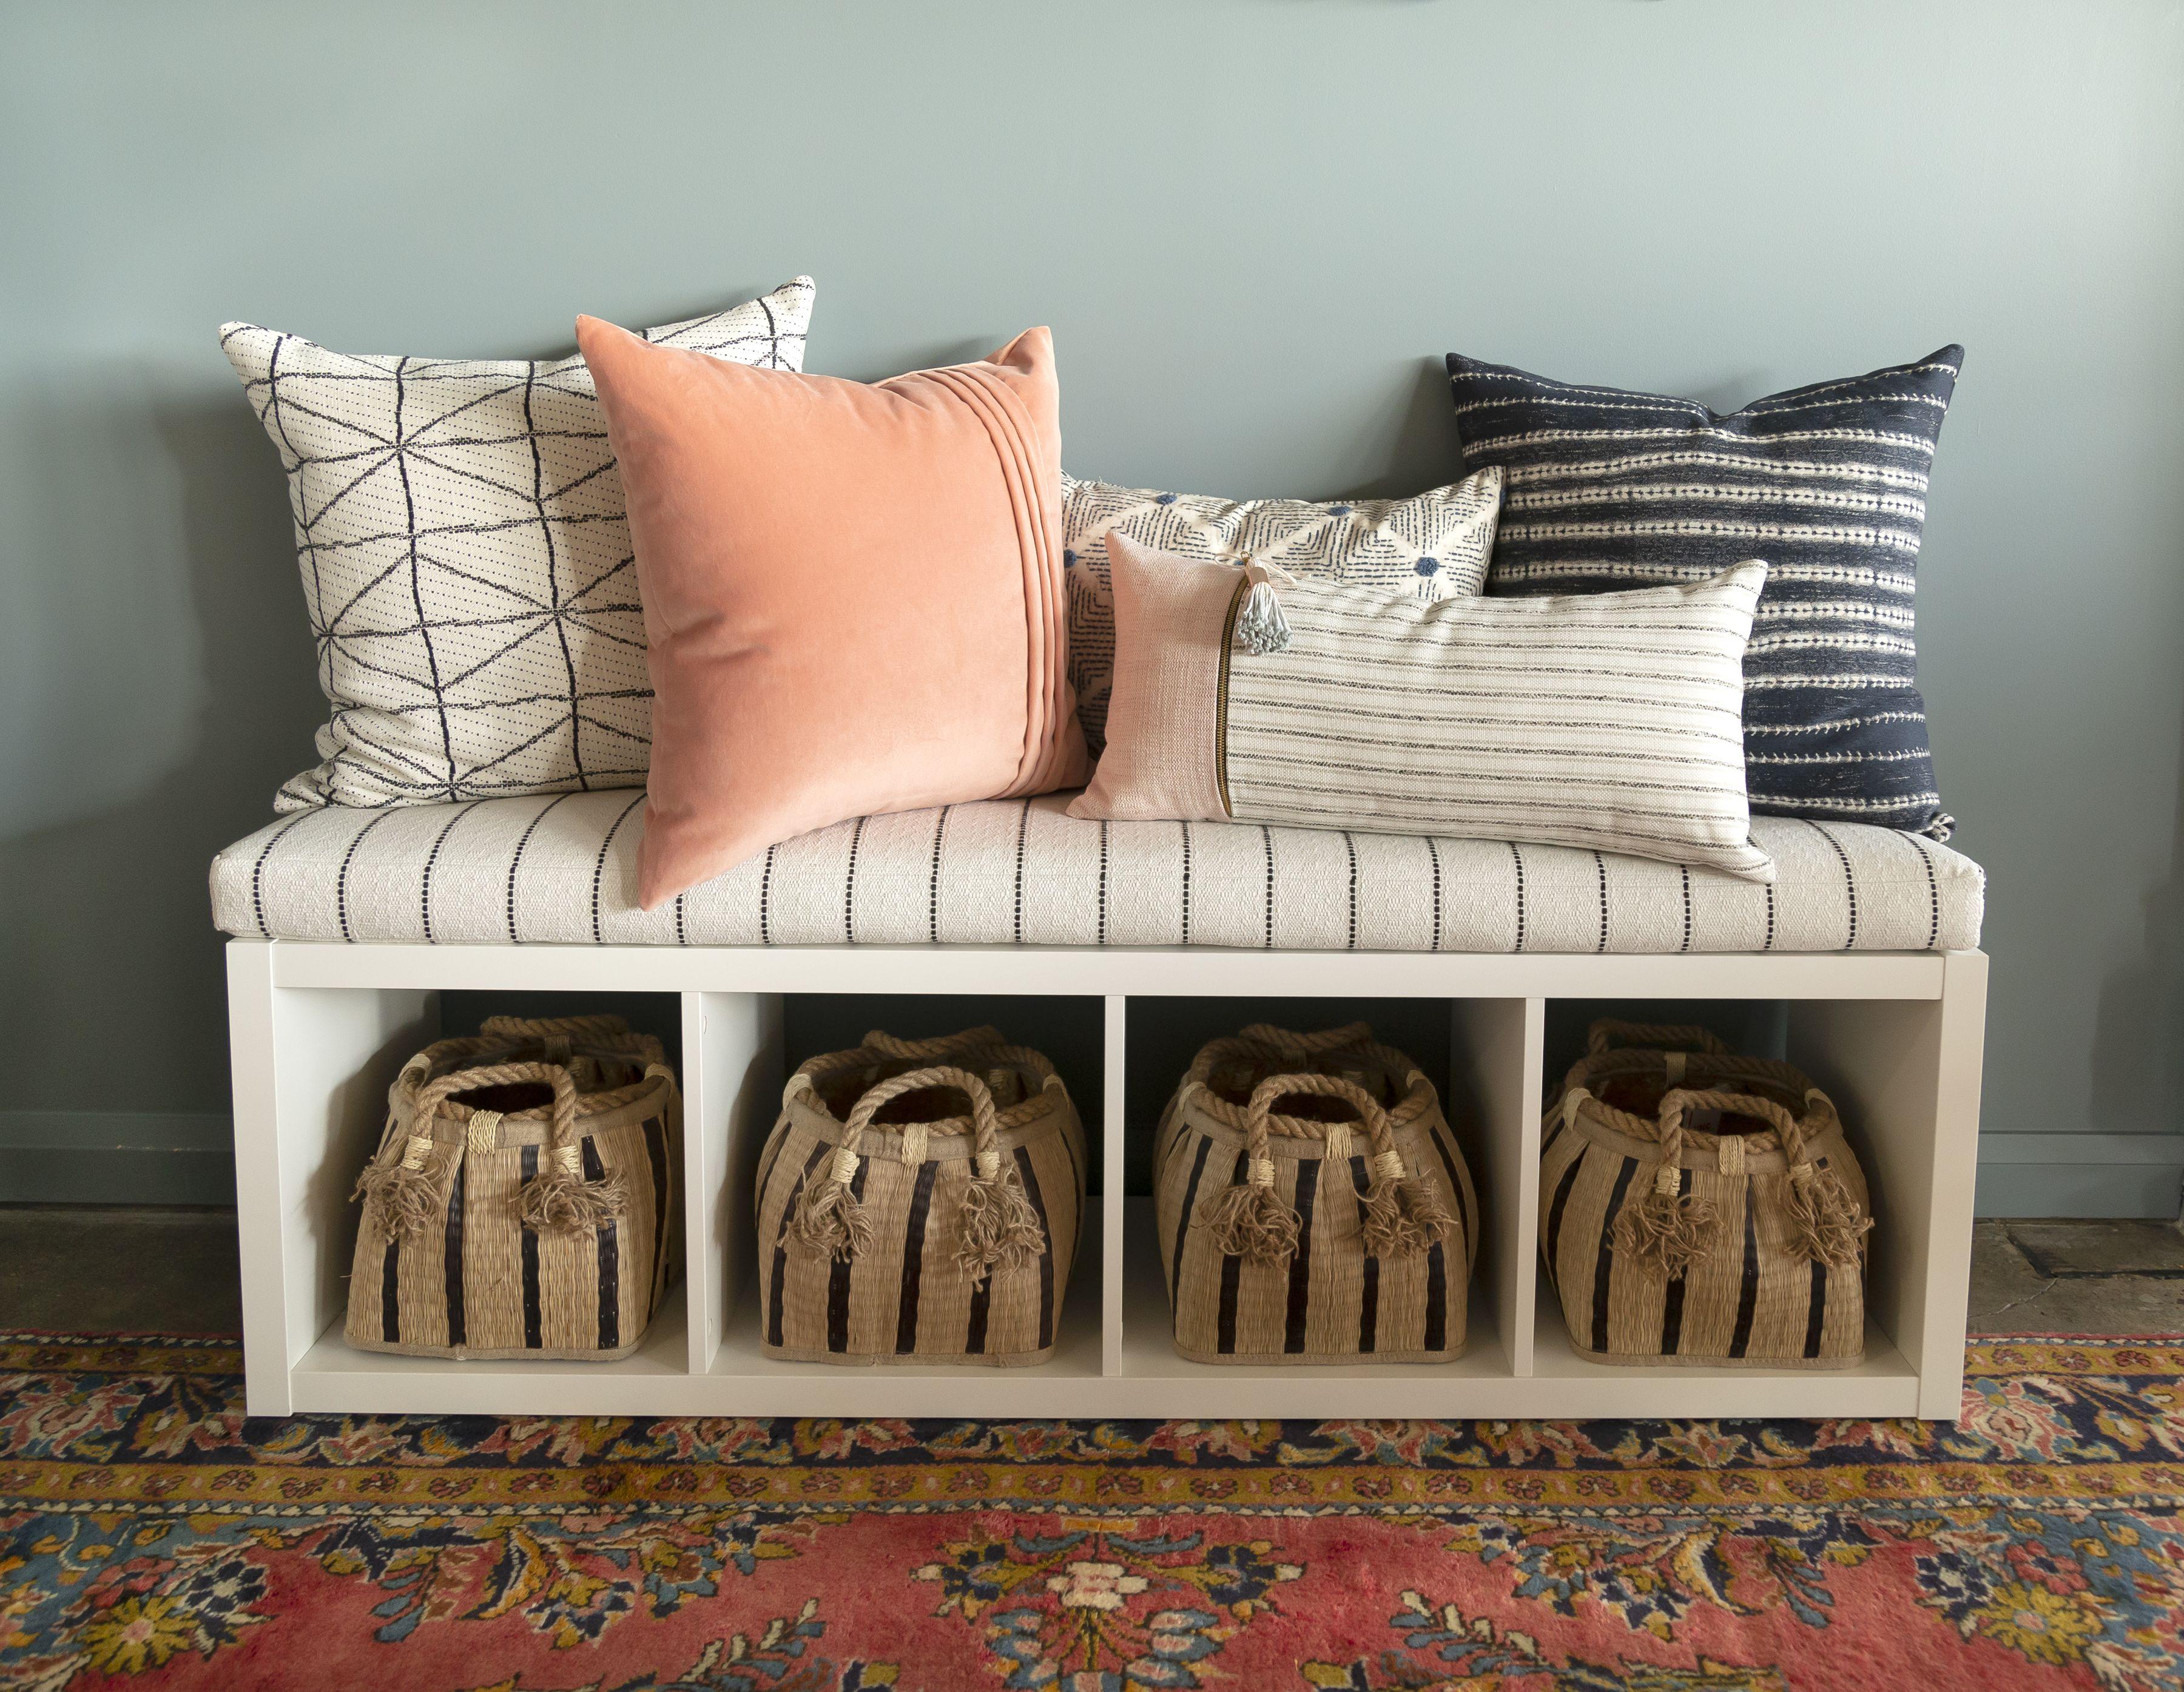 toulouse foam bench cushion onyx ikea hack kallax shelf in 2019 rh pinterest com